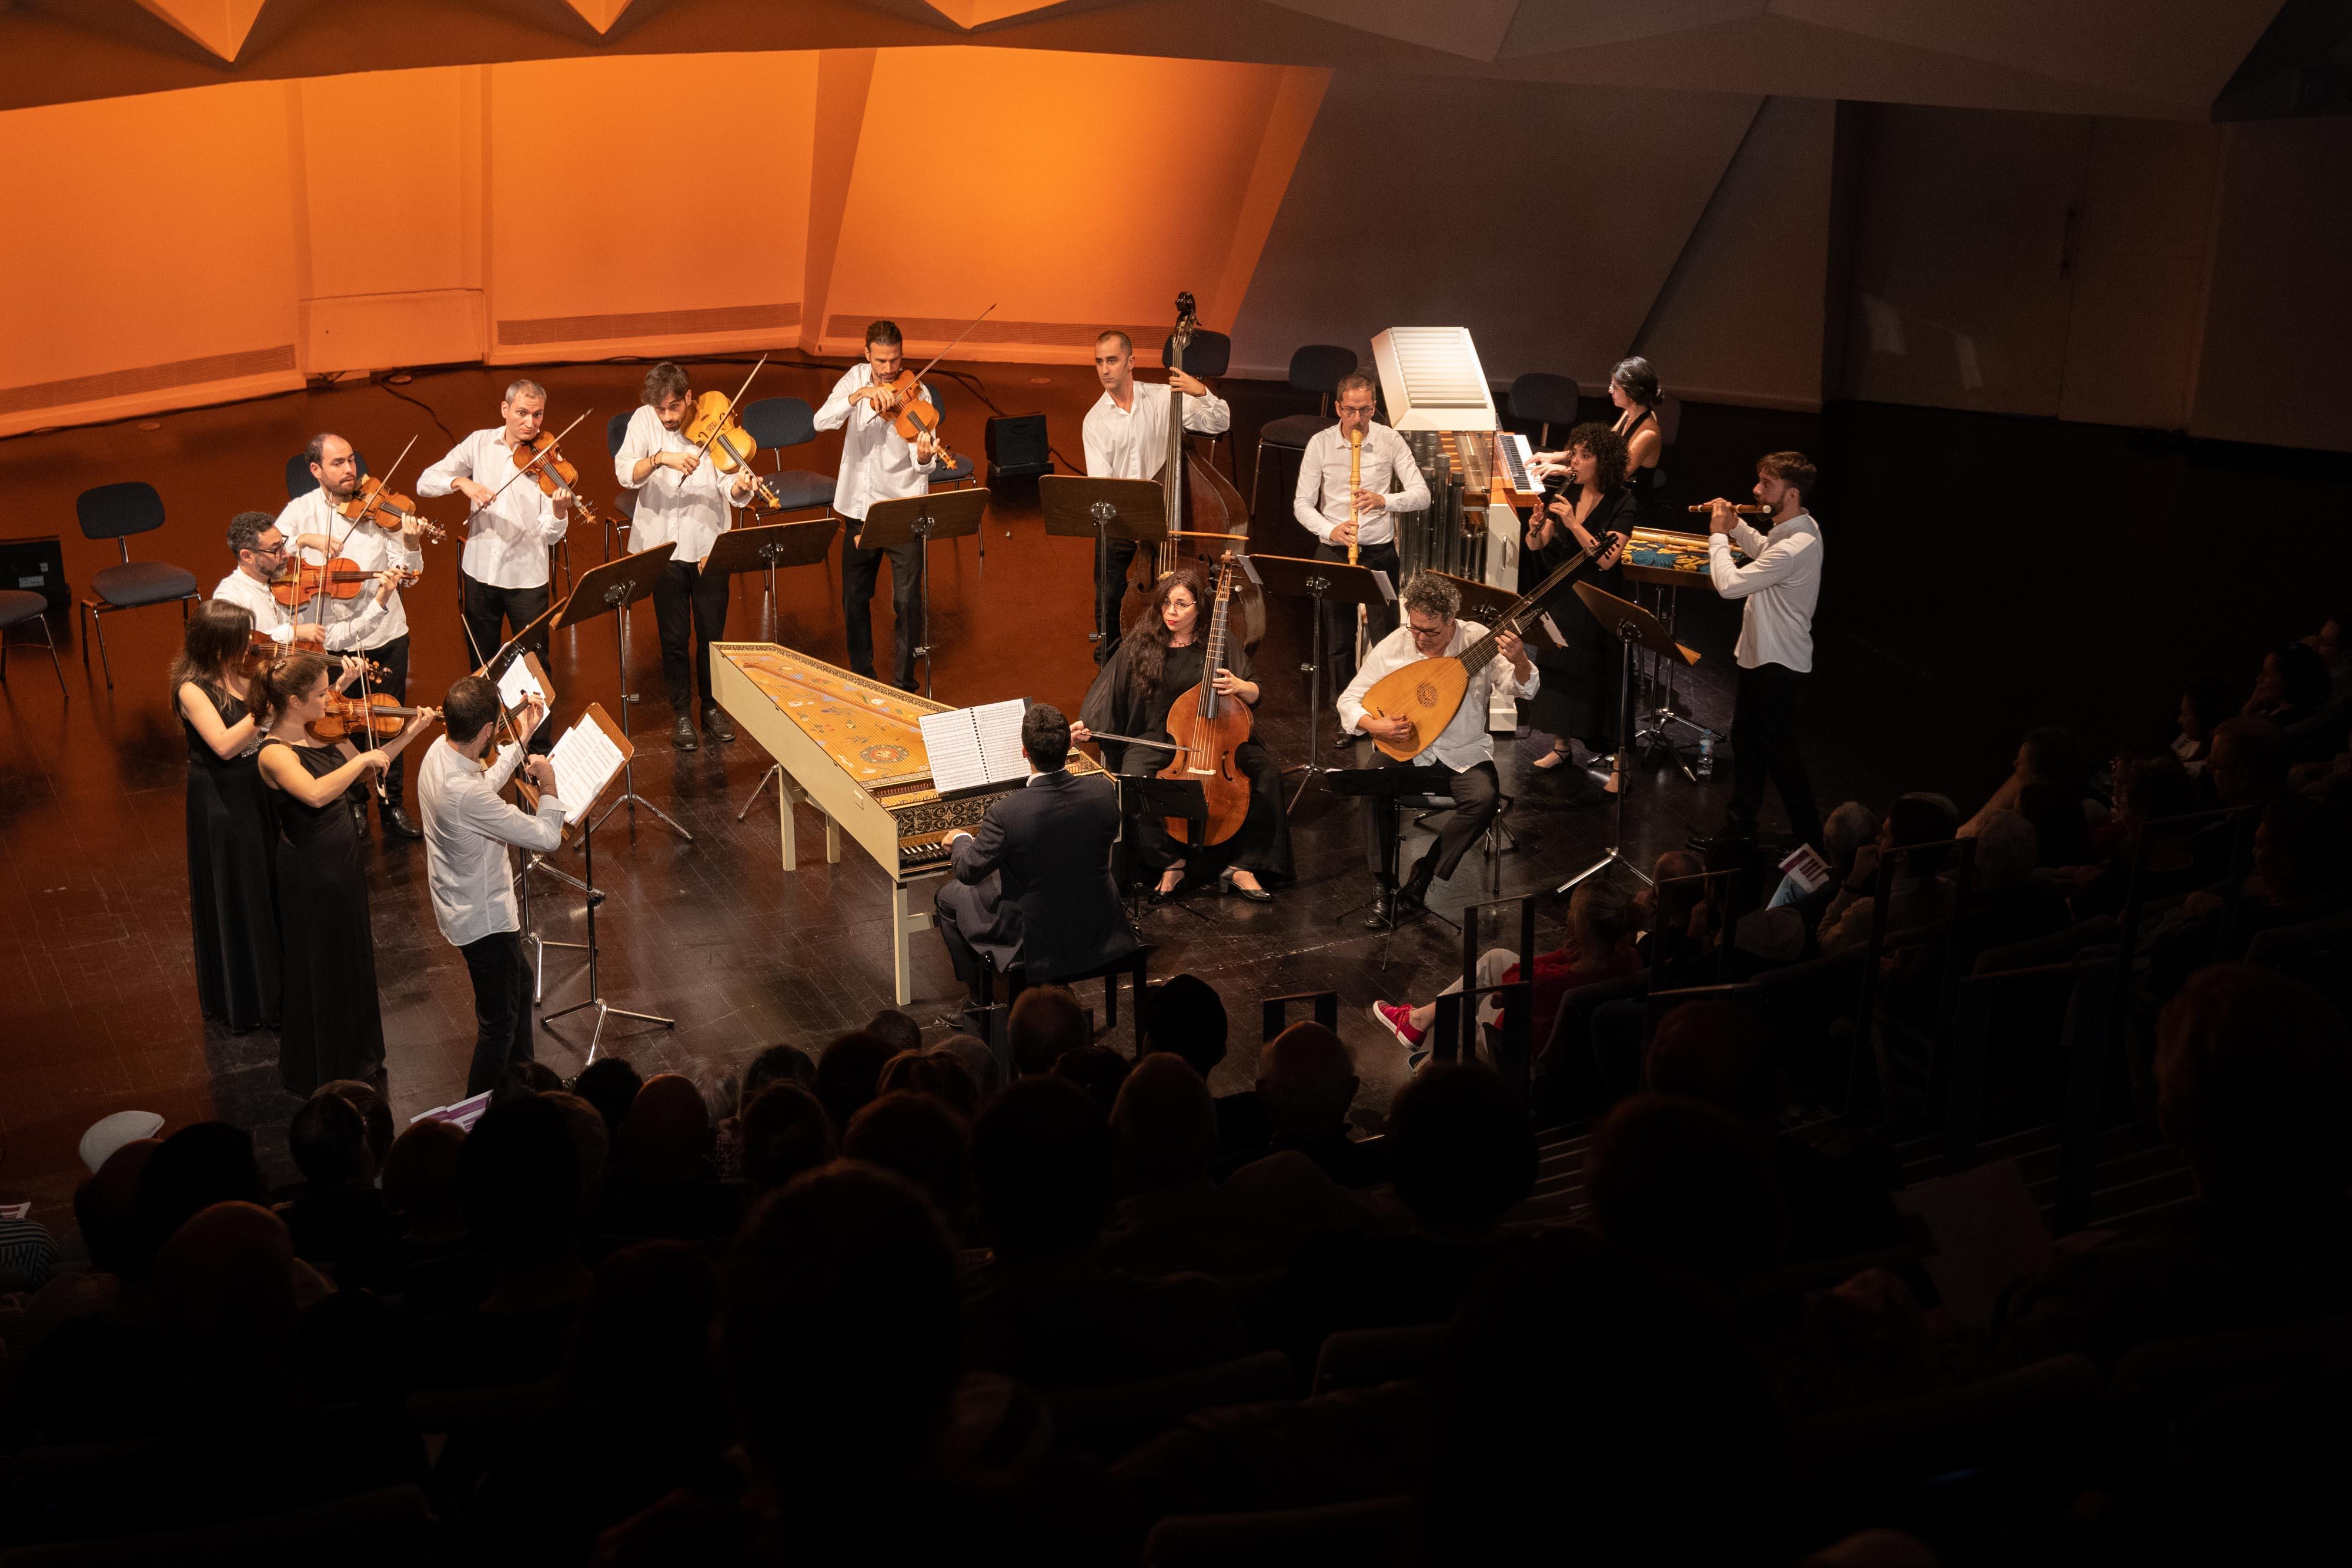 La Orquesta Barroca de Tenerife y sus peculiares instrumentos de música antigua llegan a Lanzarote